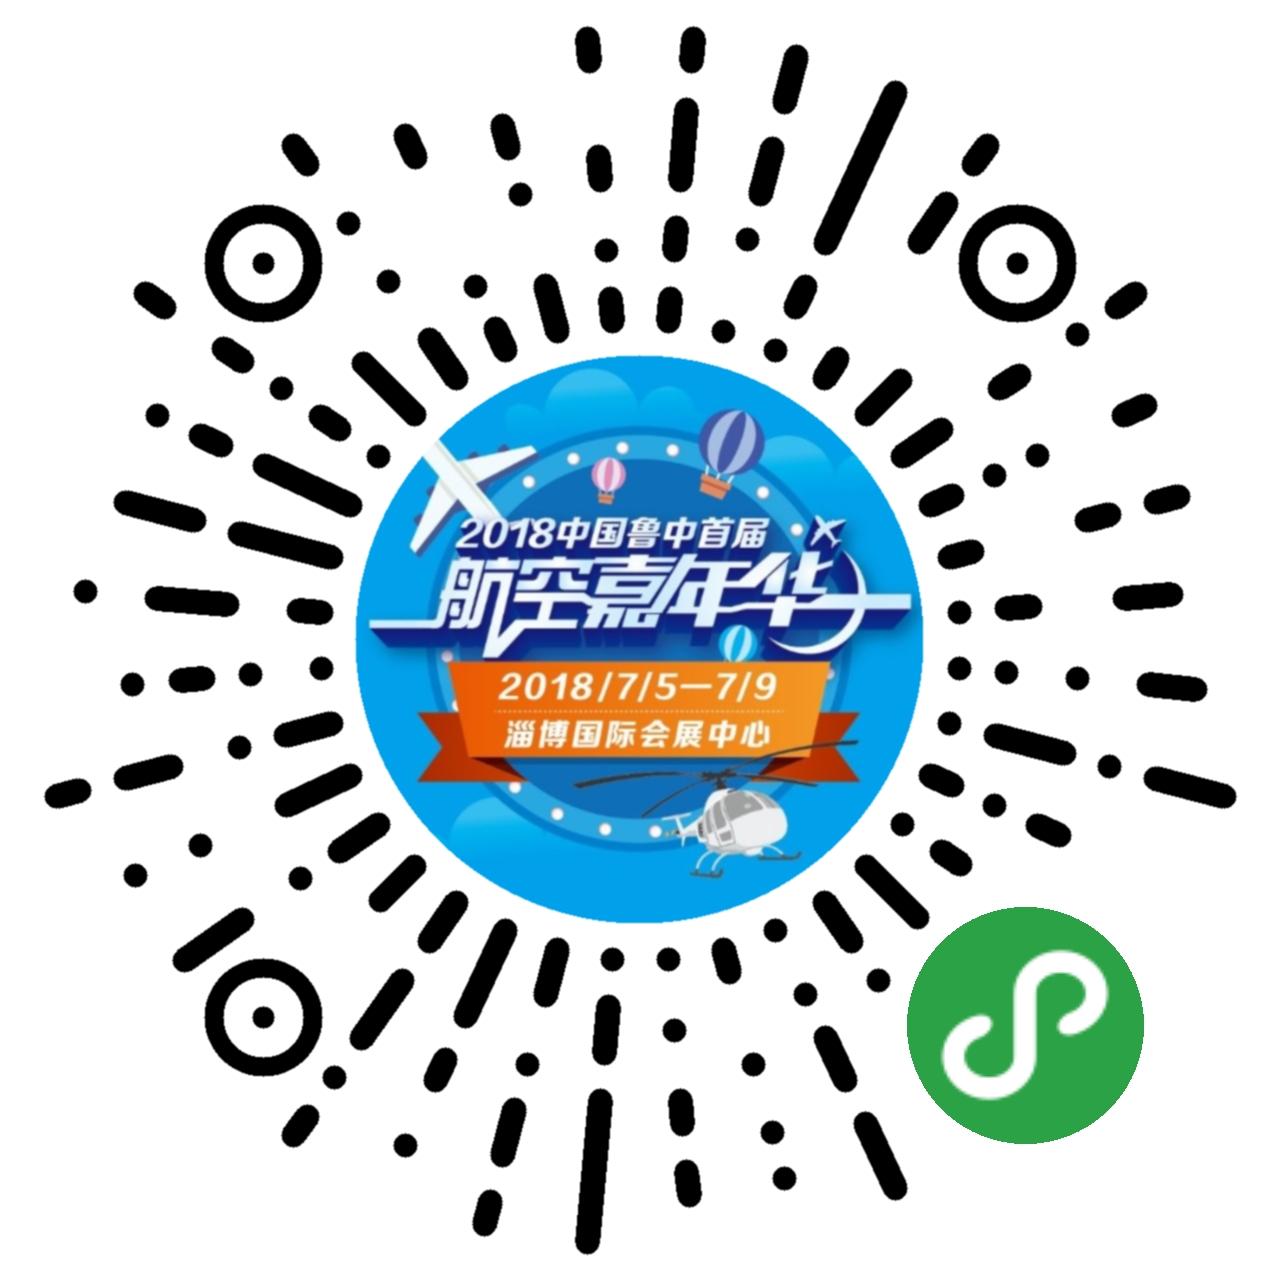 鲁中航空嘉年华电子购票小程序